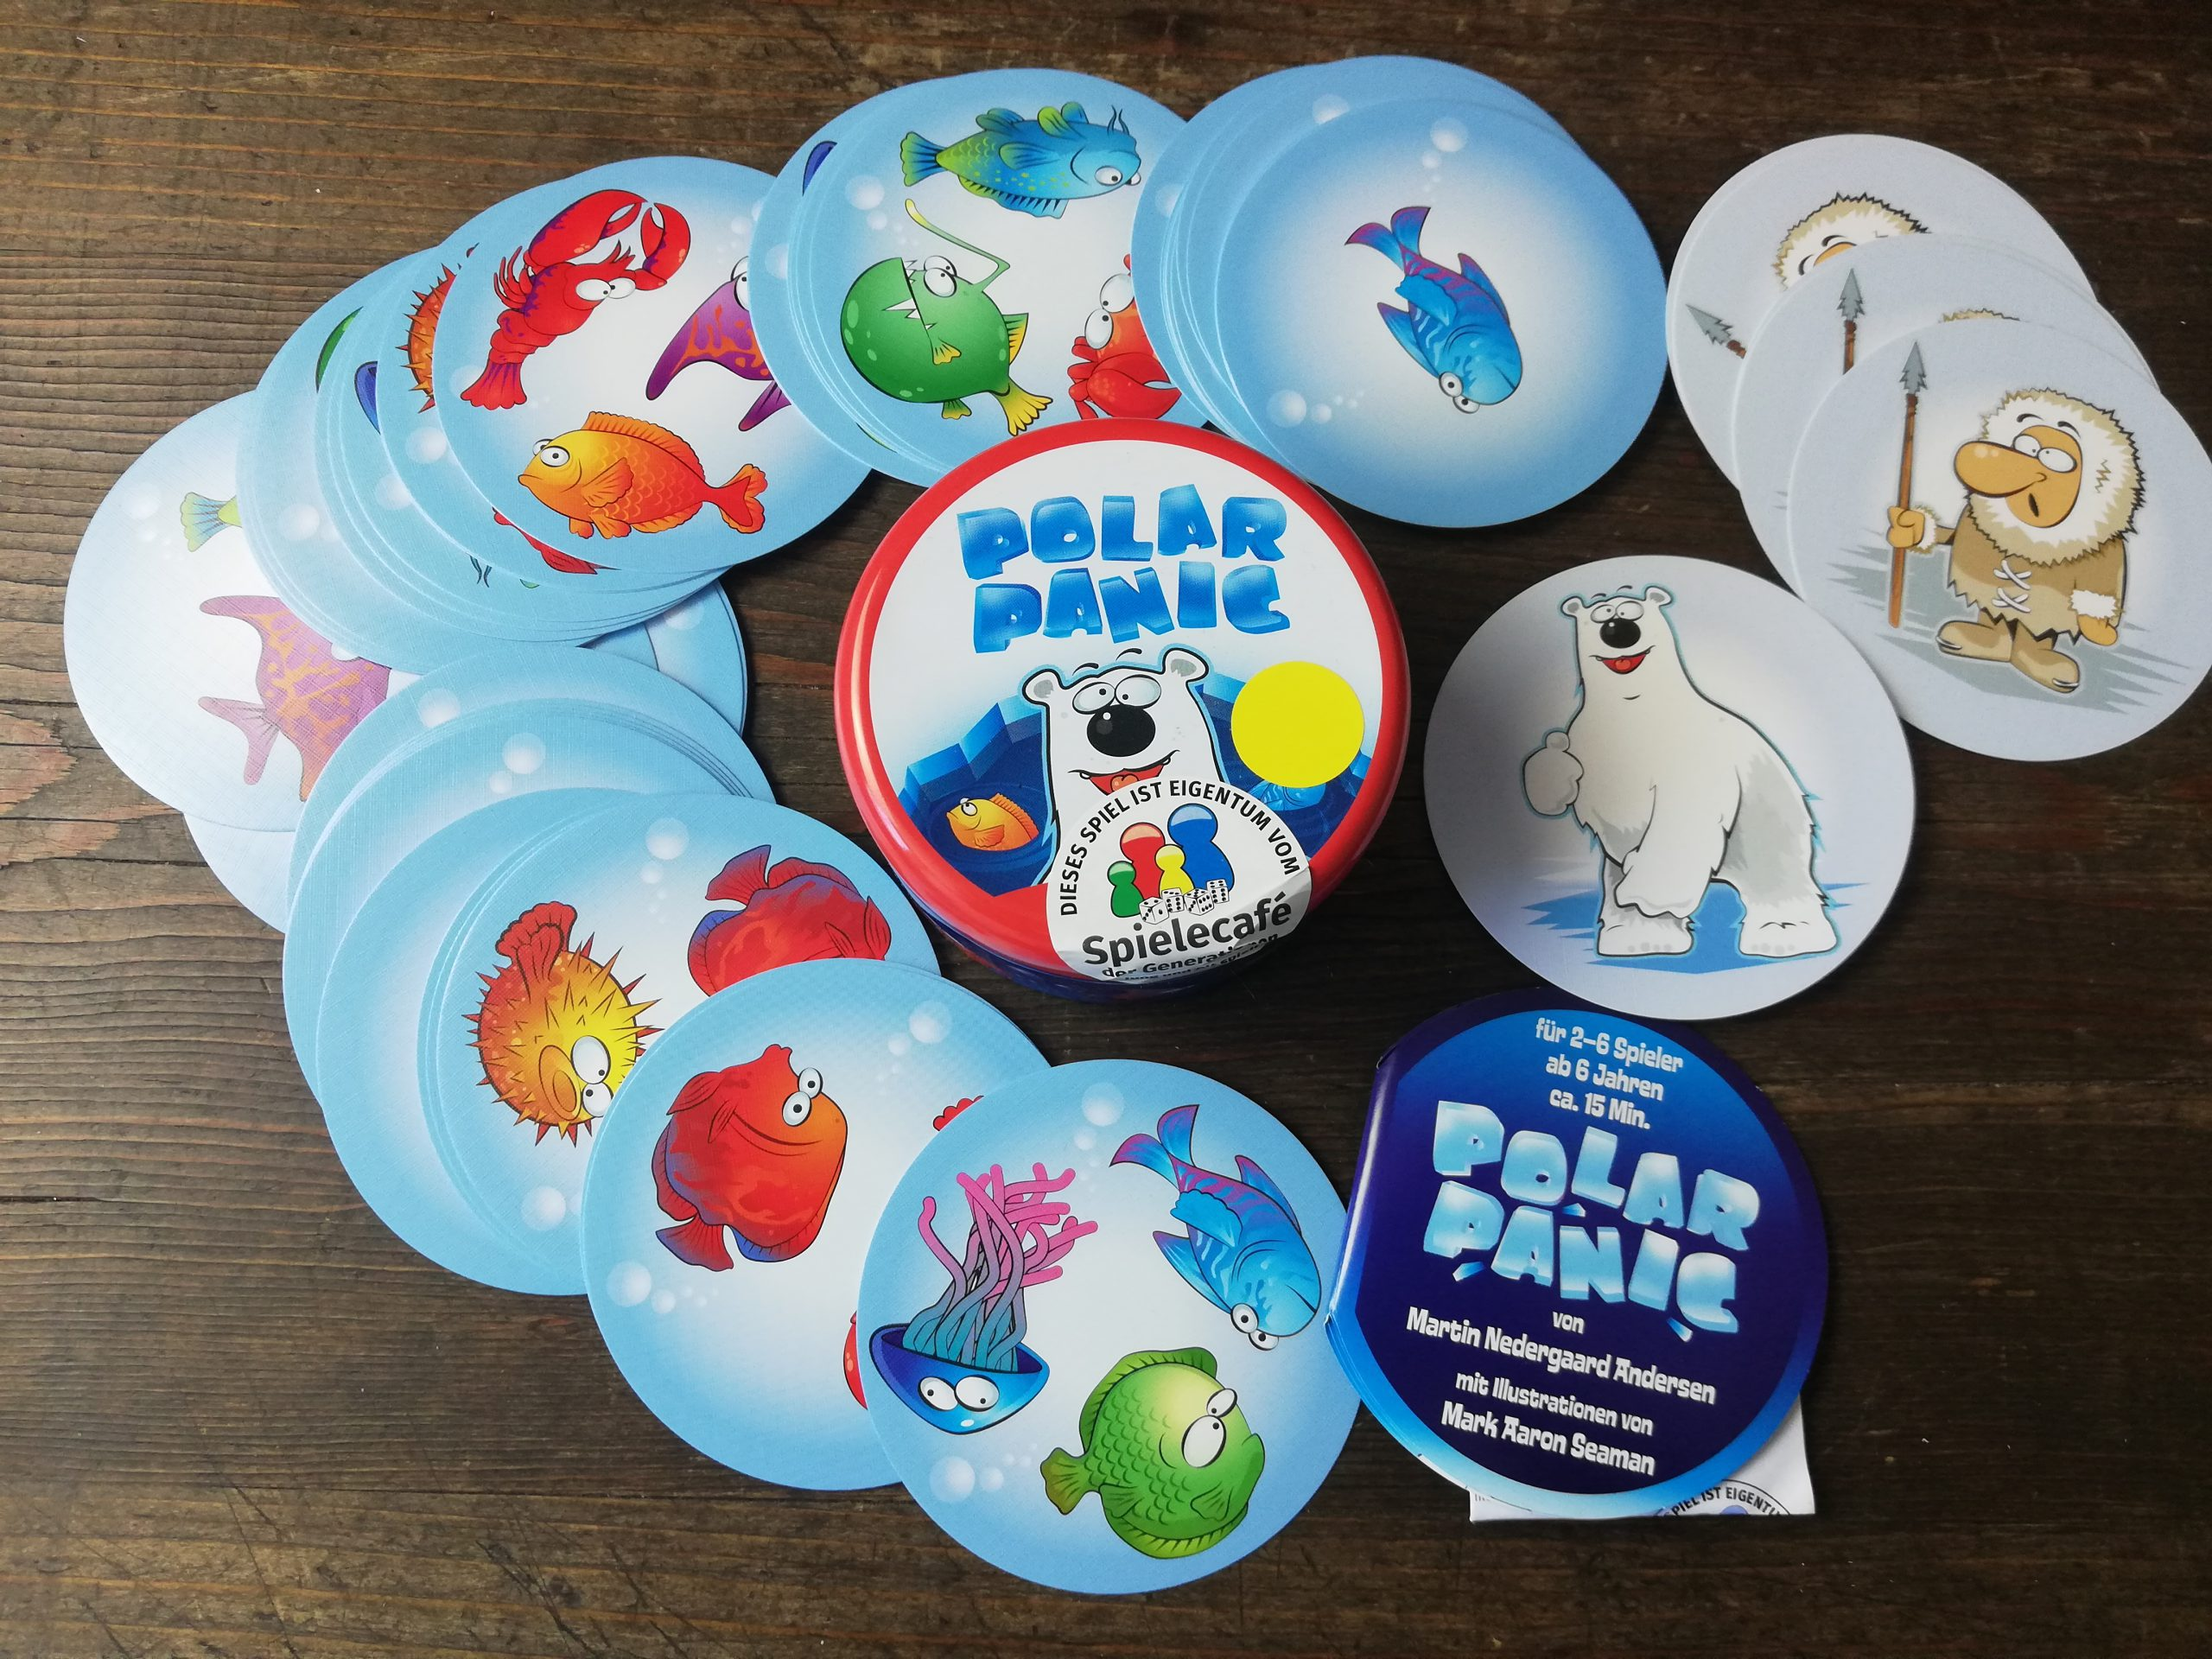 Polar Panic Dose und Spielkarten